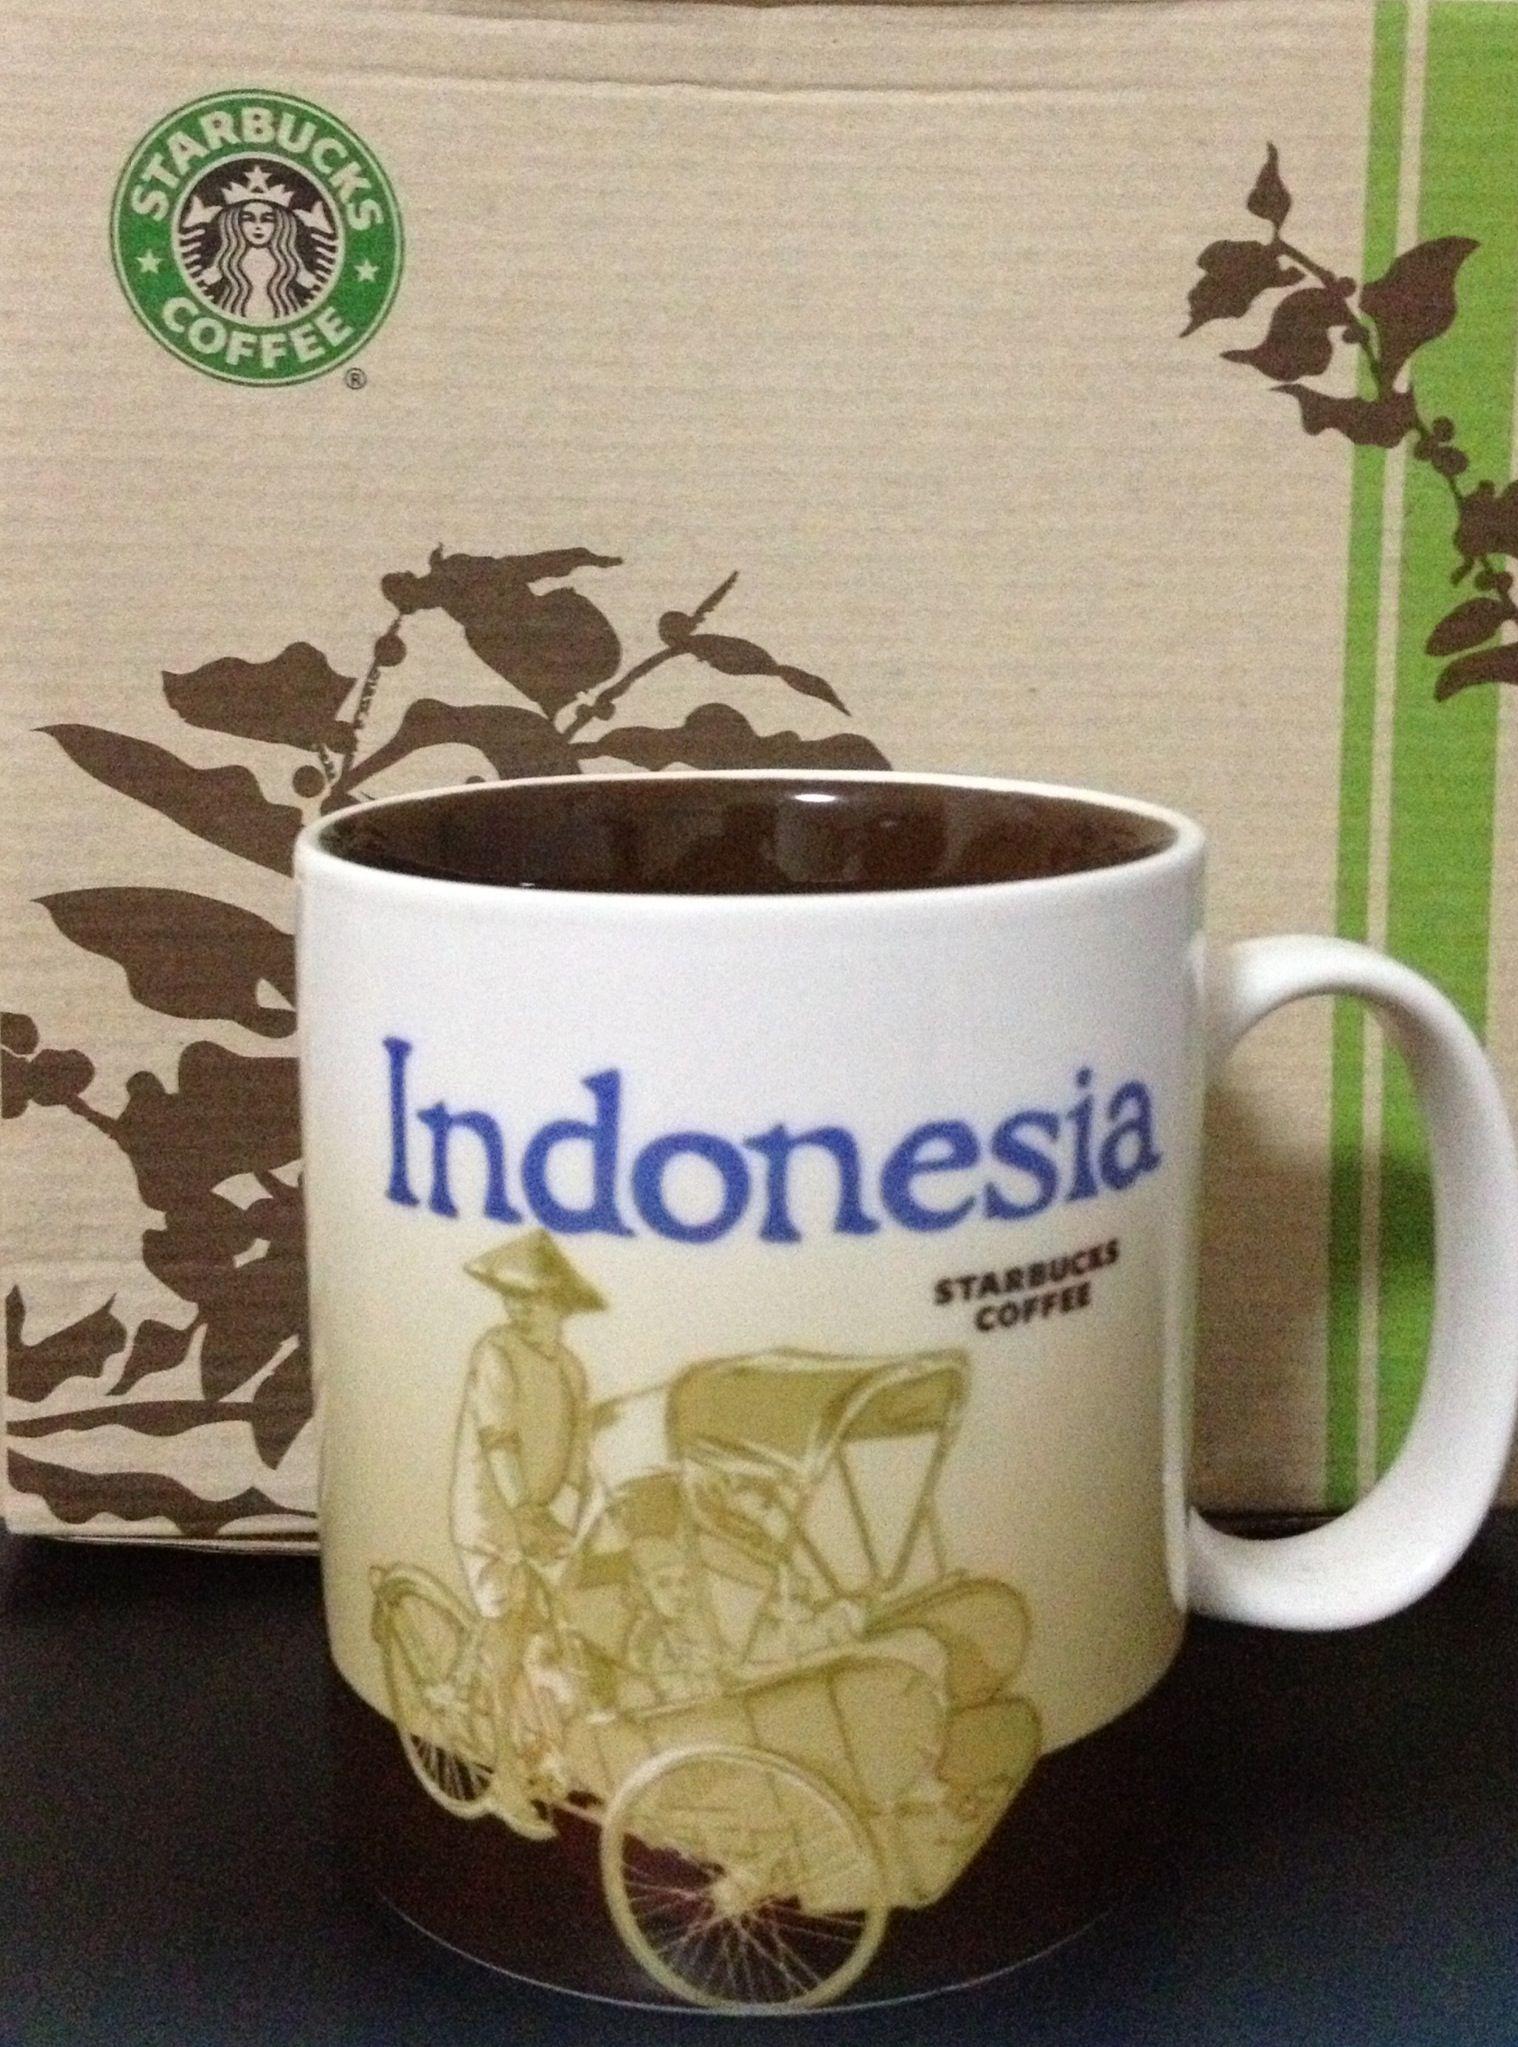 Indonesia Starbucks city mugs, Mugs, Glassware